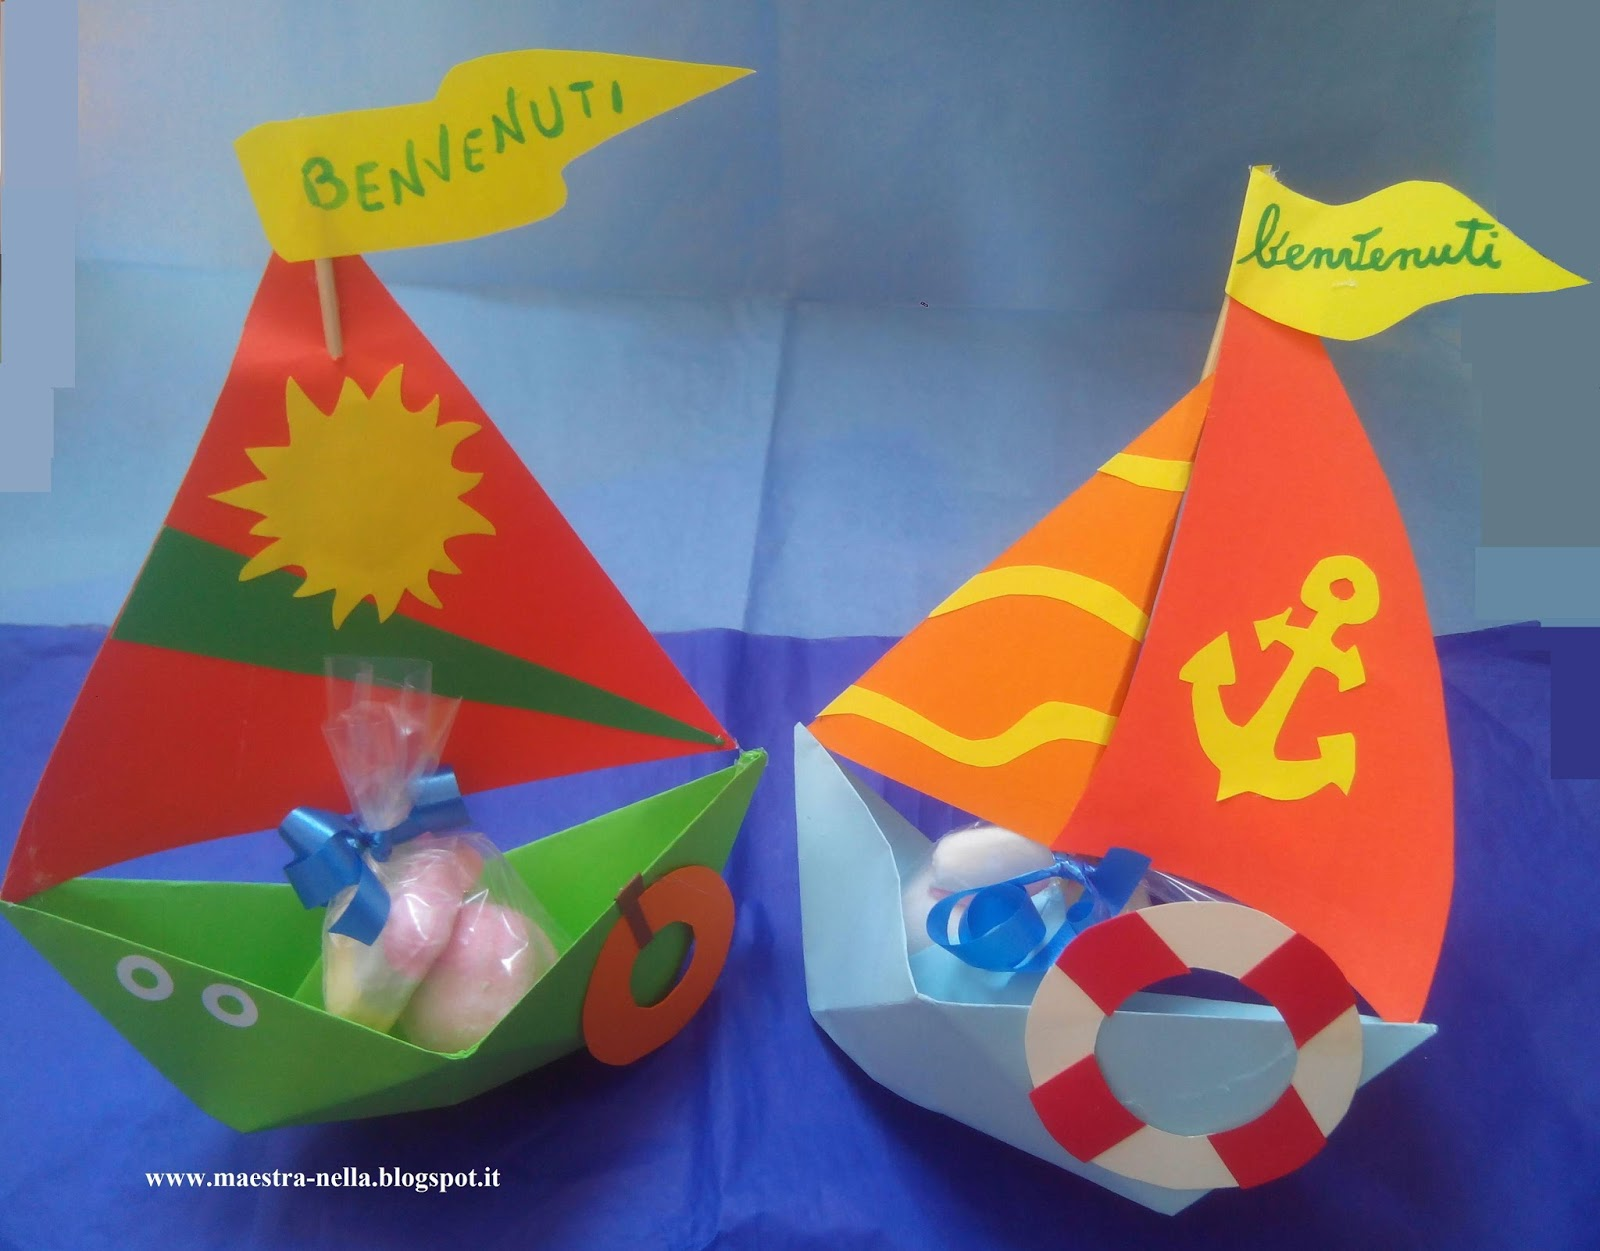 Maestra nella barchette di carta 39 benvenuti 39 for Idee per l accoglienza nella scuola dell infanzia